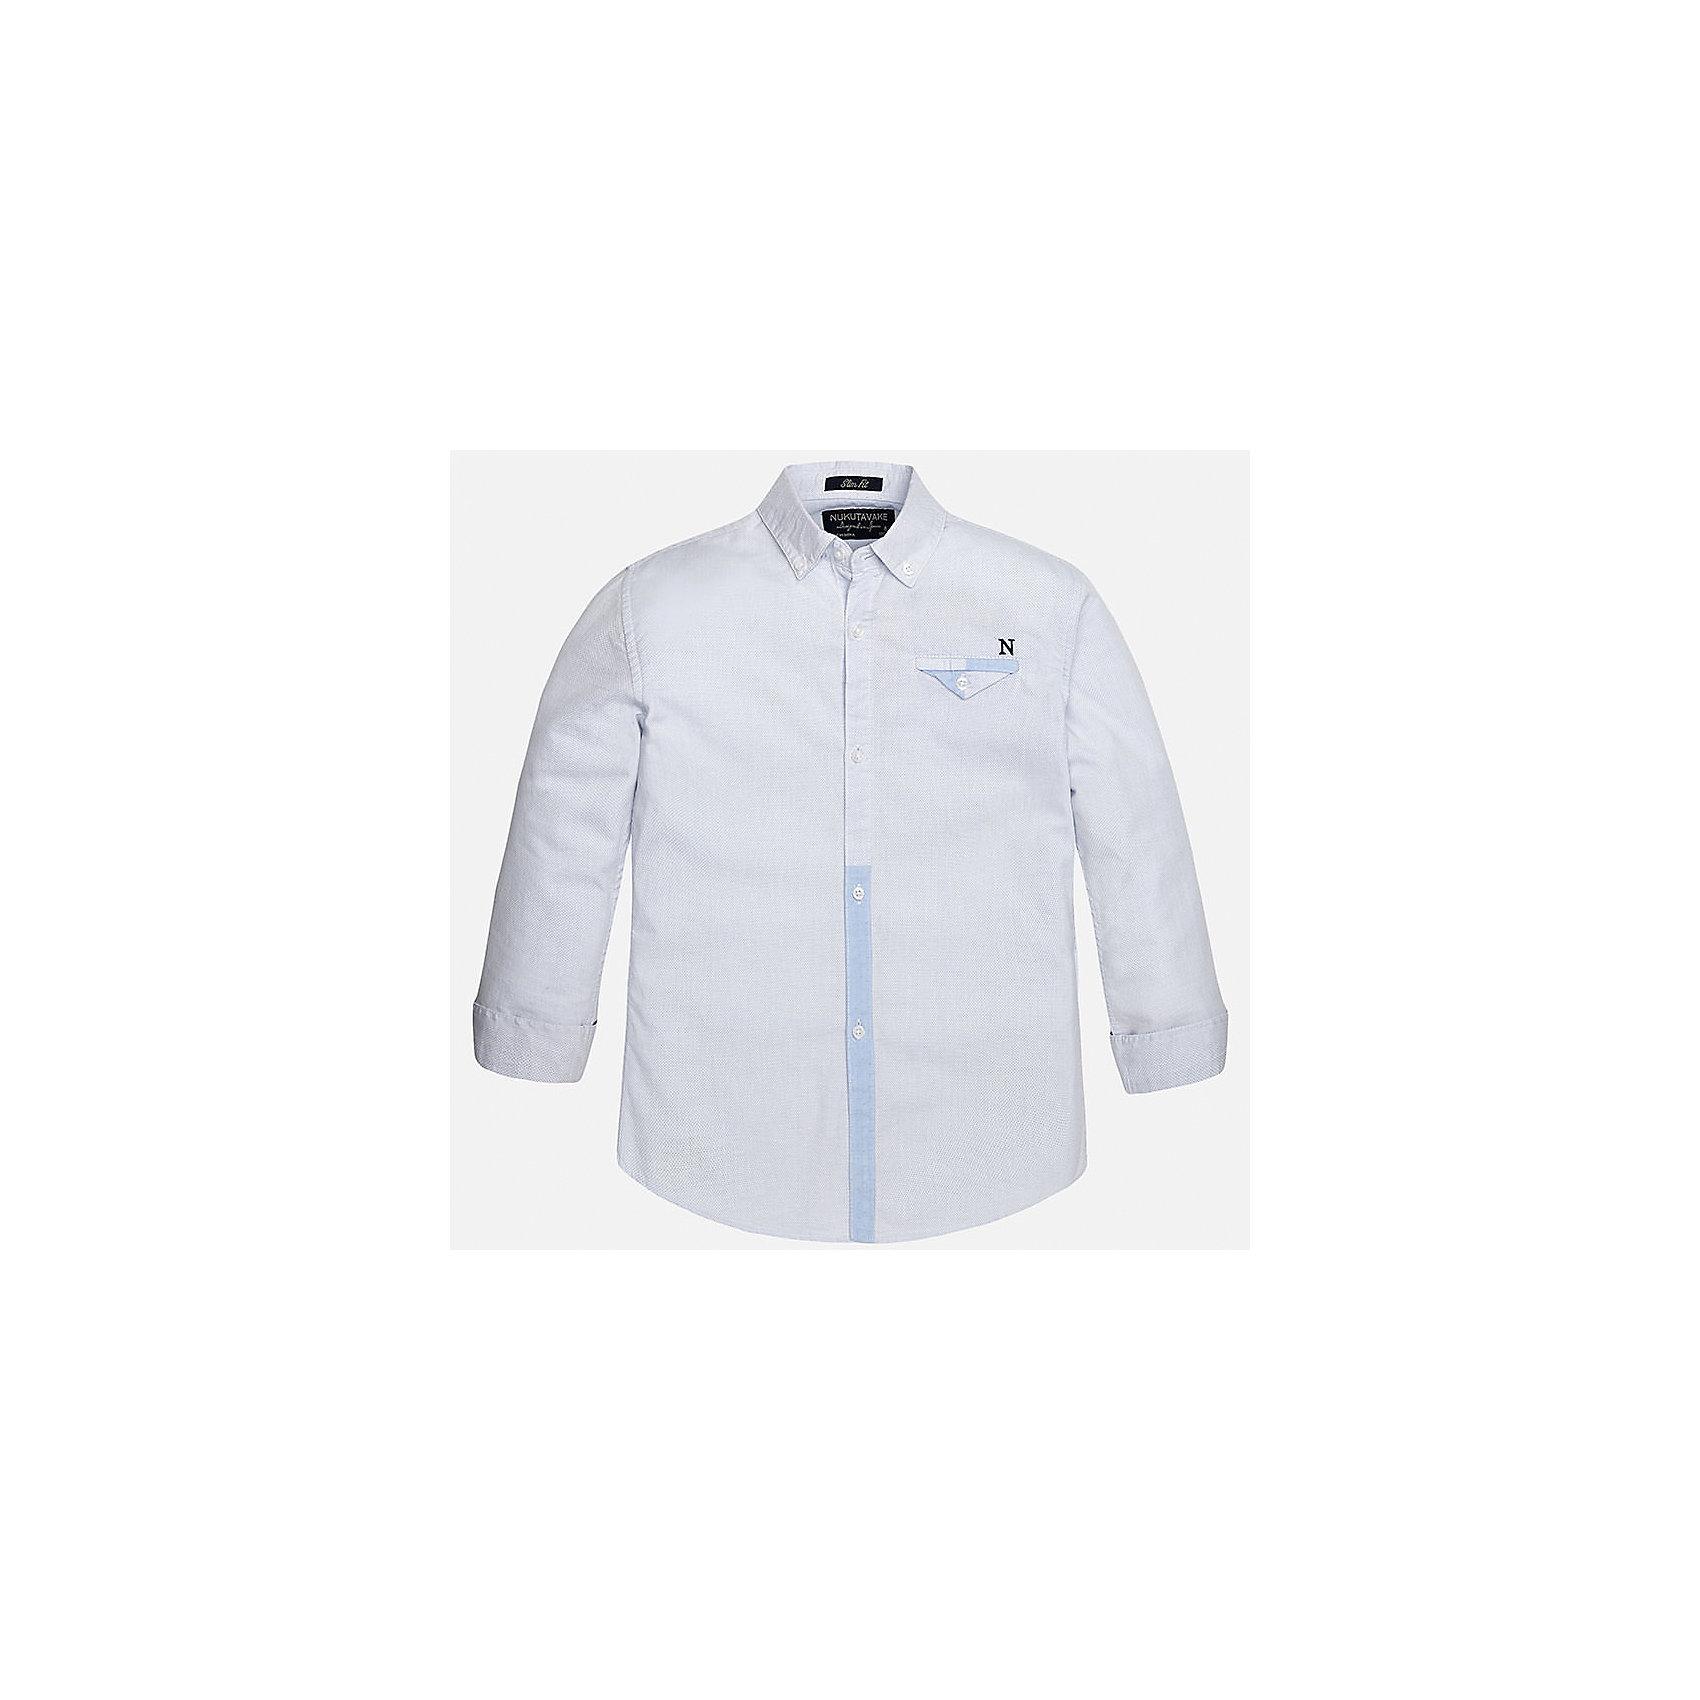 Рубашка для мальчика MayoralБлузки и рубашки<br>Характеристики товара:<br><br>• цвет: голубой<br>• состав: 100% хлопок<br>• отложной воротник<br>• декорирована карманом на груди<br>• рукава с отворотами<br>• застежки: пуговицы<br>• страна бренда: Испания<br><br>Модная рубашка поможет разнообразить гардероб мальчика. Она отлично сочетается с брюками, шортами, джинсами. Универсальный крой и цвет позволяет подобрать к вещи низ разных расцветок. Практичное и стильное изделие! Хорошо смотрится и комфортно сидит на детях. В составе материала - только натуральный хлопок, гипоаллергенный, приятный на ощупь, дышащий. <br><br>Одежда, обувь и аксессуары от испанского бренда Mayoral полюбились детям и взрослым по всему миру. Модели этой марки - стильные и удобные. Для их производства используются только безопасные, качественные материалы и фурнитура. Порадуйте ребенка модными и красивыми вещами от Mayoral! <br><br>Рубашку для мальчика от испанского бренда Mayoral (Майорал) можно купить в нашем интернет-магазине.<br><br>Ширина мм: 174<br>Глубина мм: 10<br>Высота мм: 169<br>Вес г: 157<br>Цвет: голубой<br>Возраст от месяцев: 132<br>Возраст до месяцев: 144<br>Пол: Мужской<br>Возраст: Детский<br>Размер: 158,140,170,128/134,152,164<br>SKU: 5281645